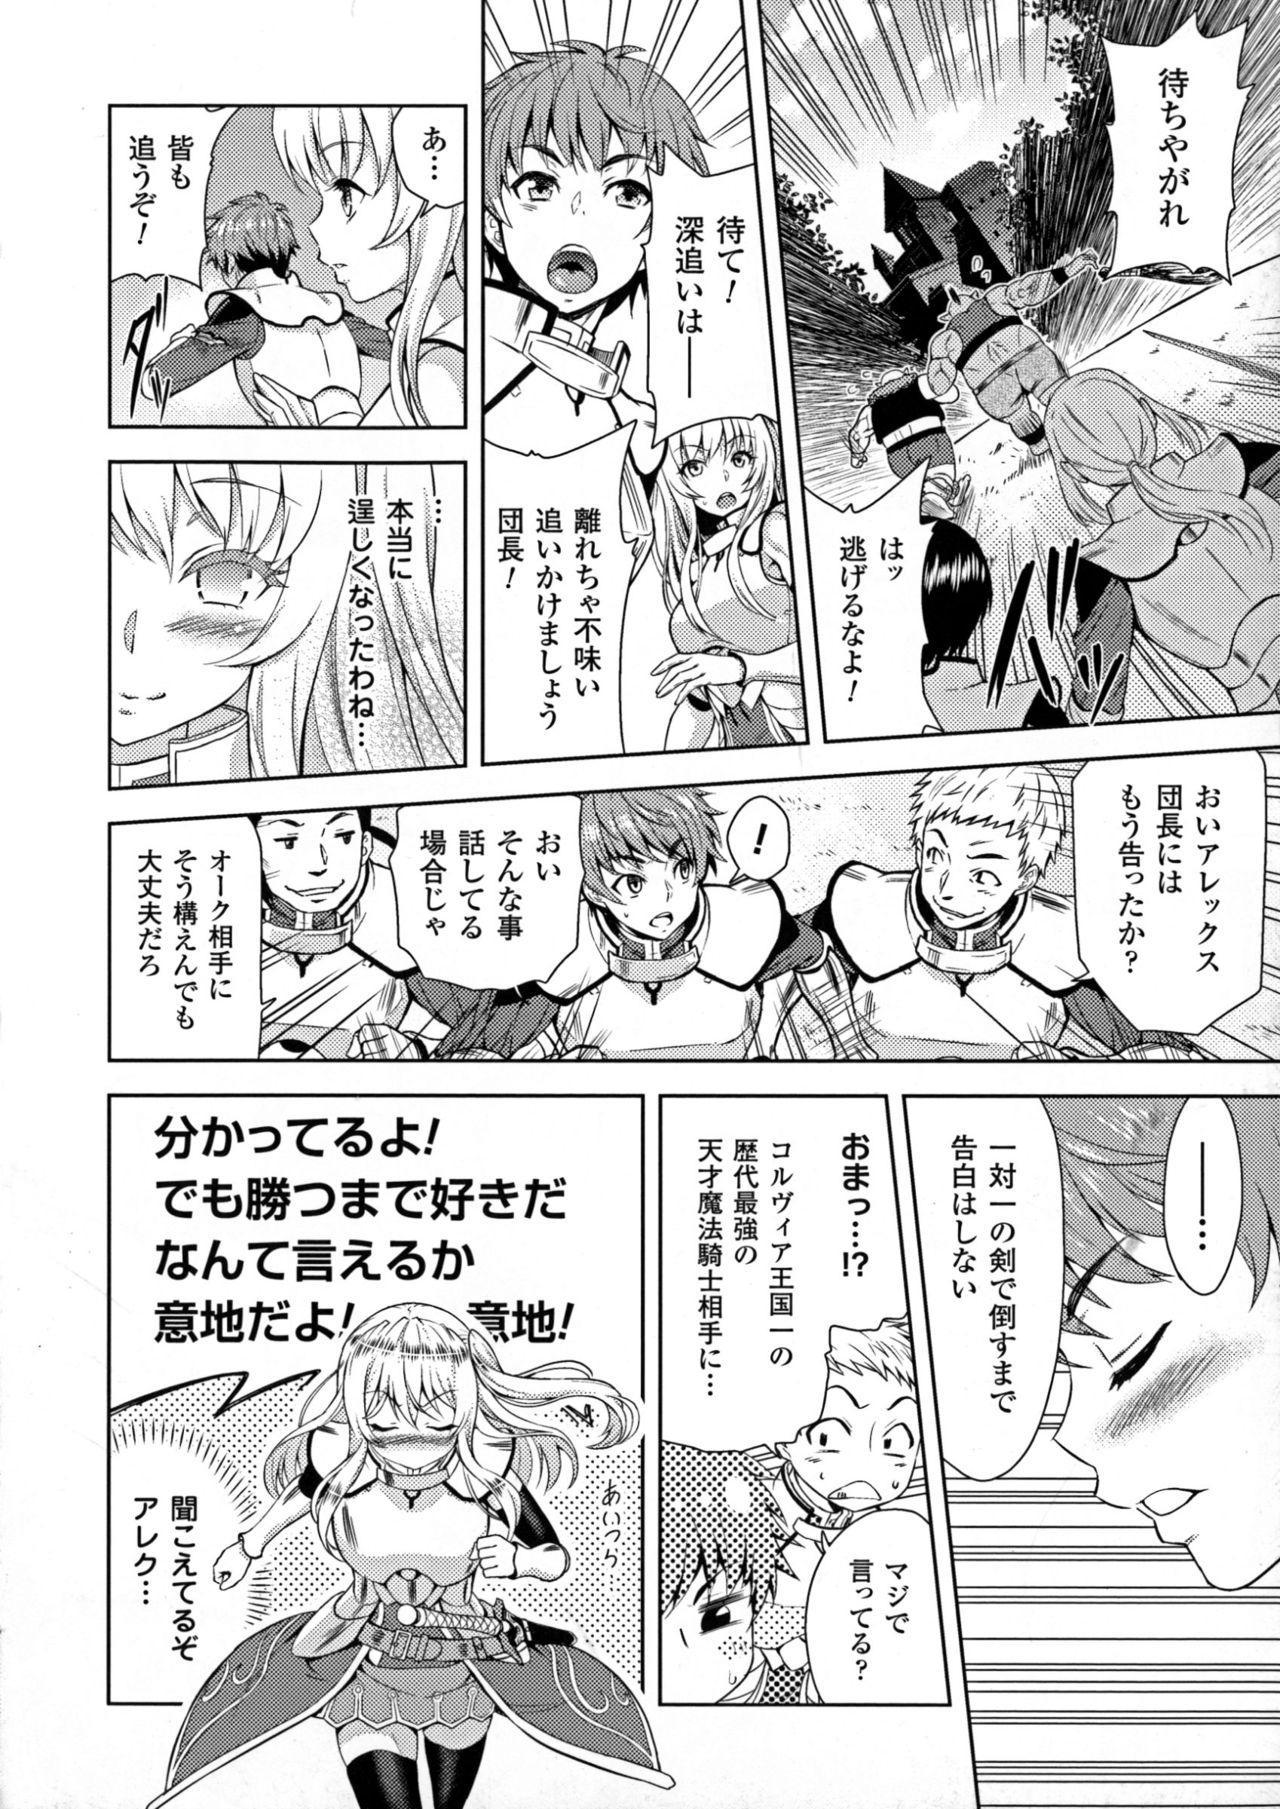 ERONA Orc no Inmon ni Okasareta Onna Kishi no Matsuro 5